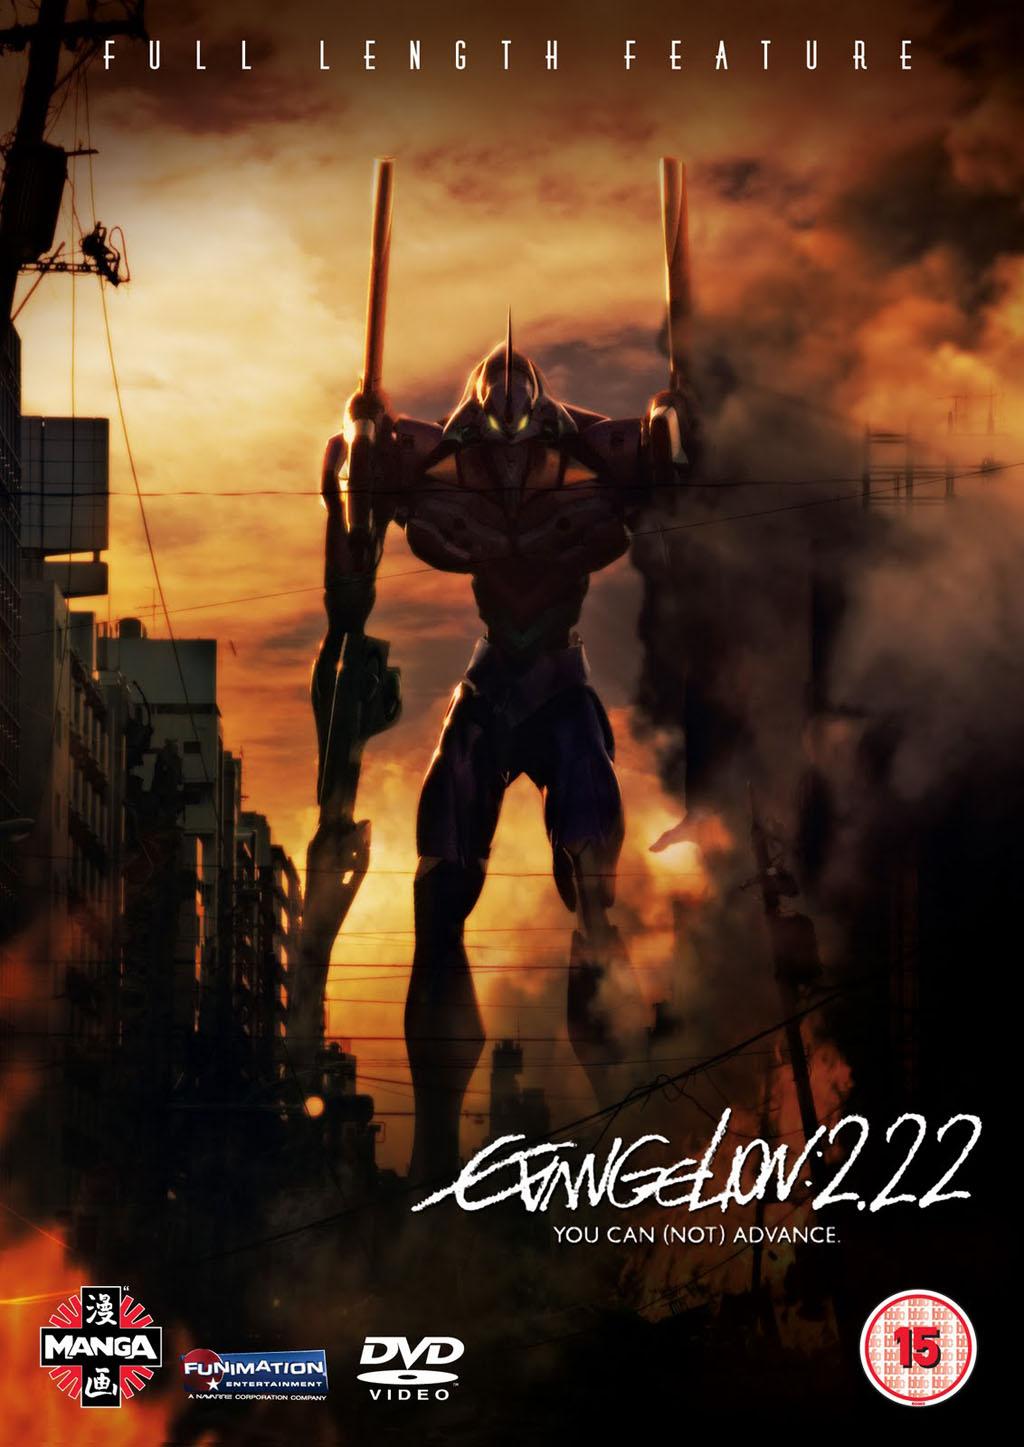 evangelion_2.22_poster.jpg